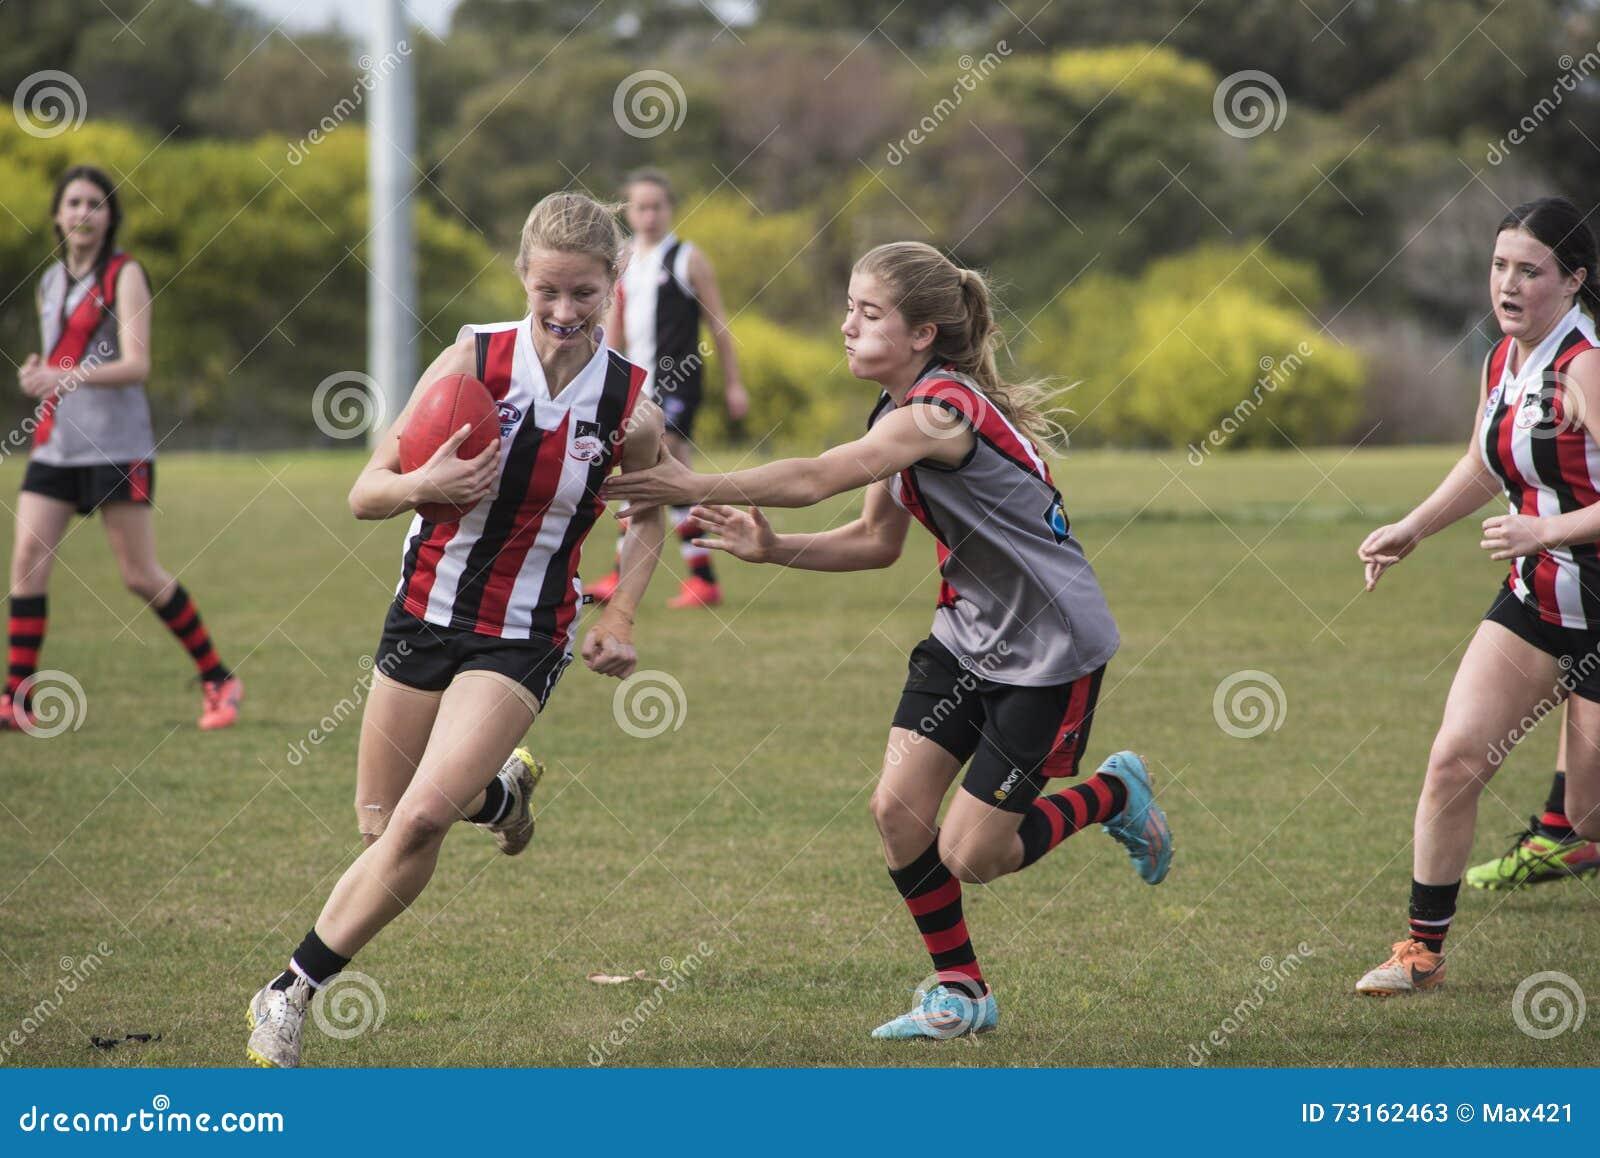 Lekaustraliern för unga kvinnor härskar fotboll